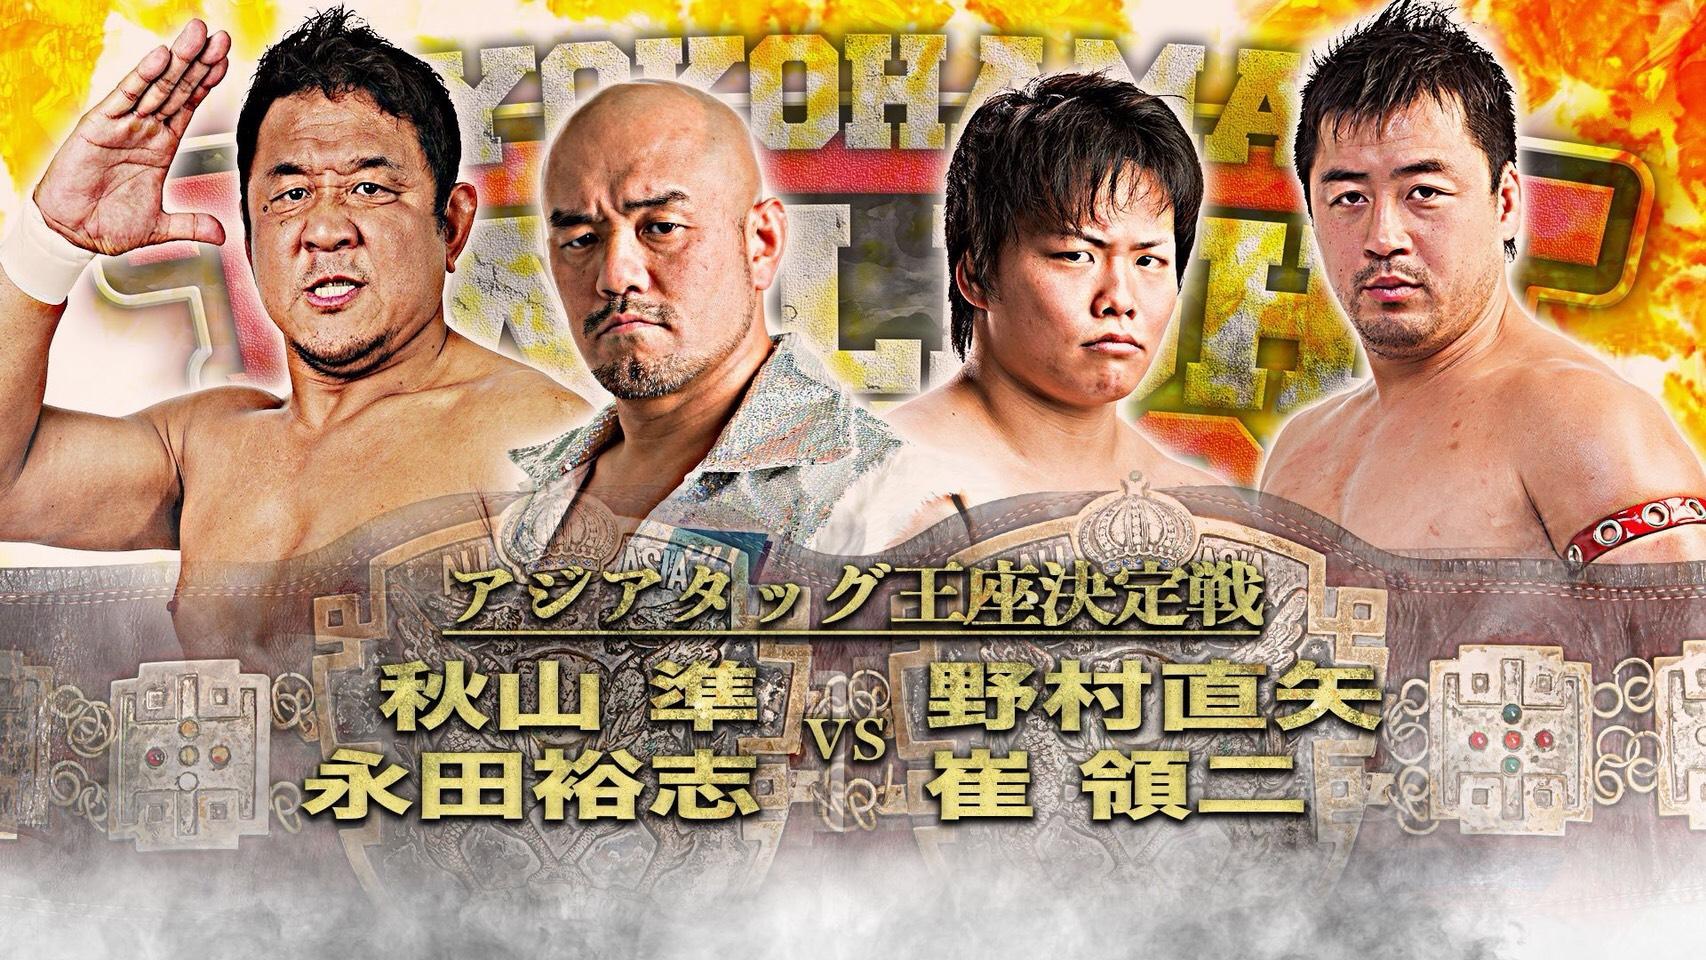 2018年2月3日 全日本プロレス 横浜文化体育館大会  アジアタッグ選手権試合